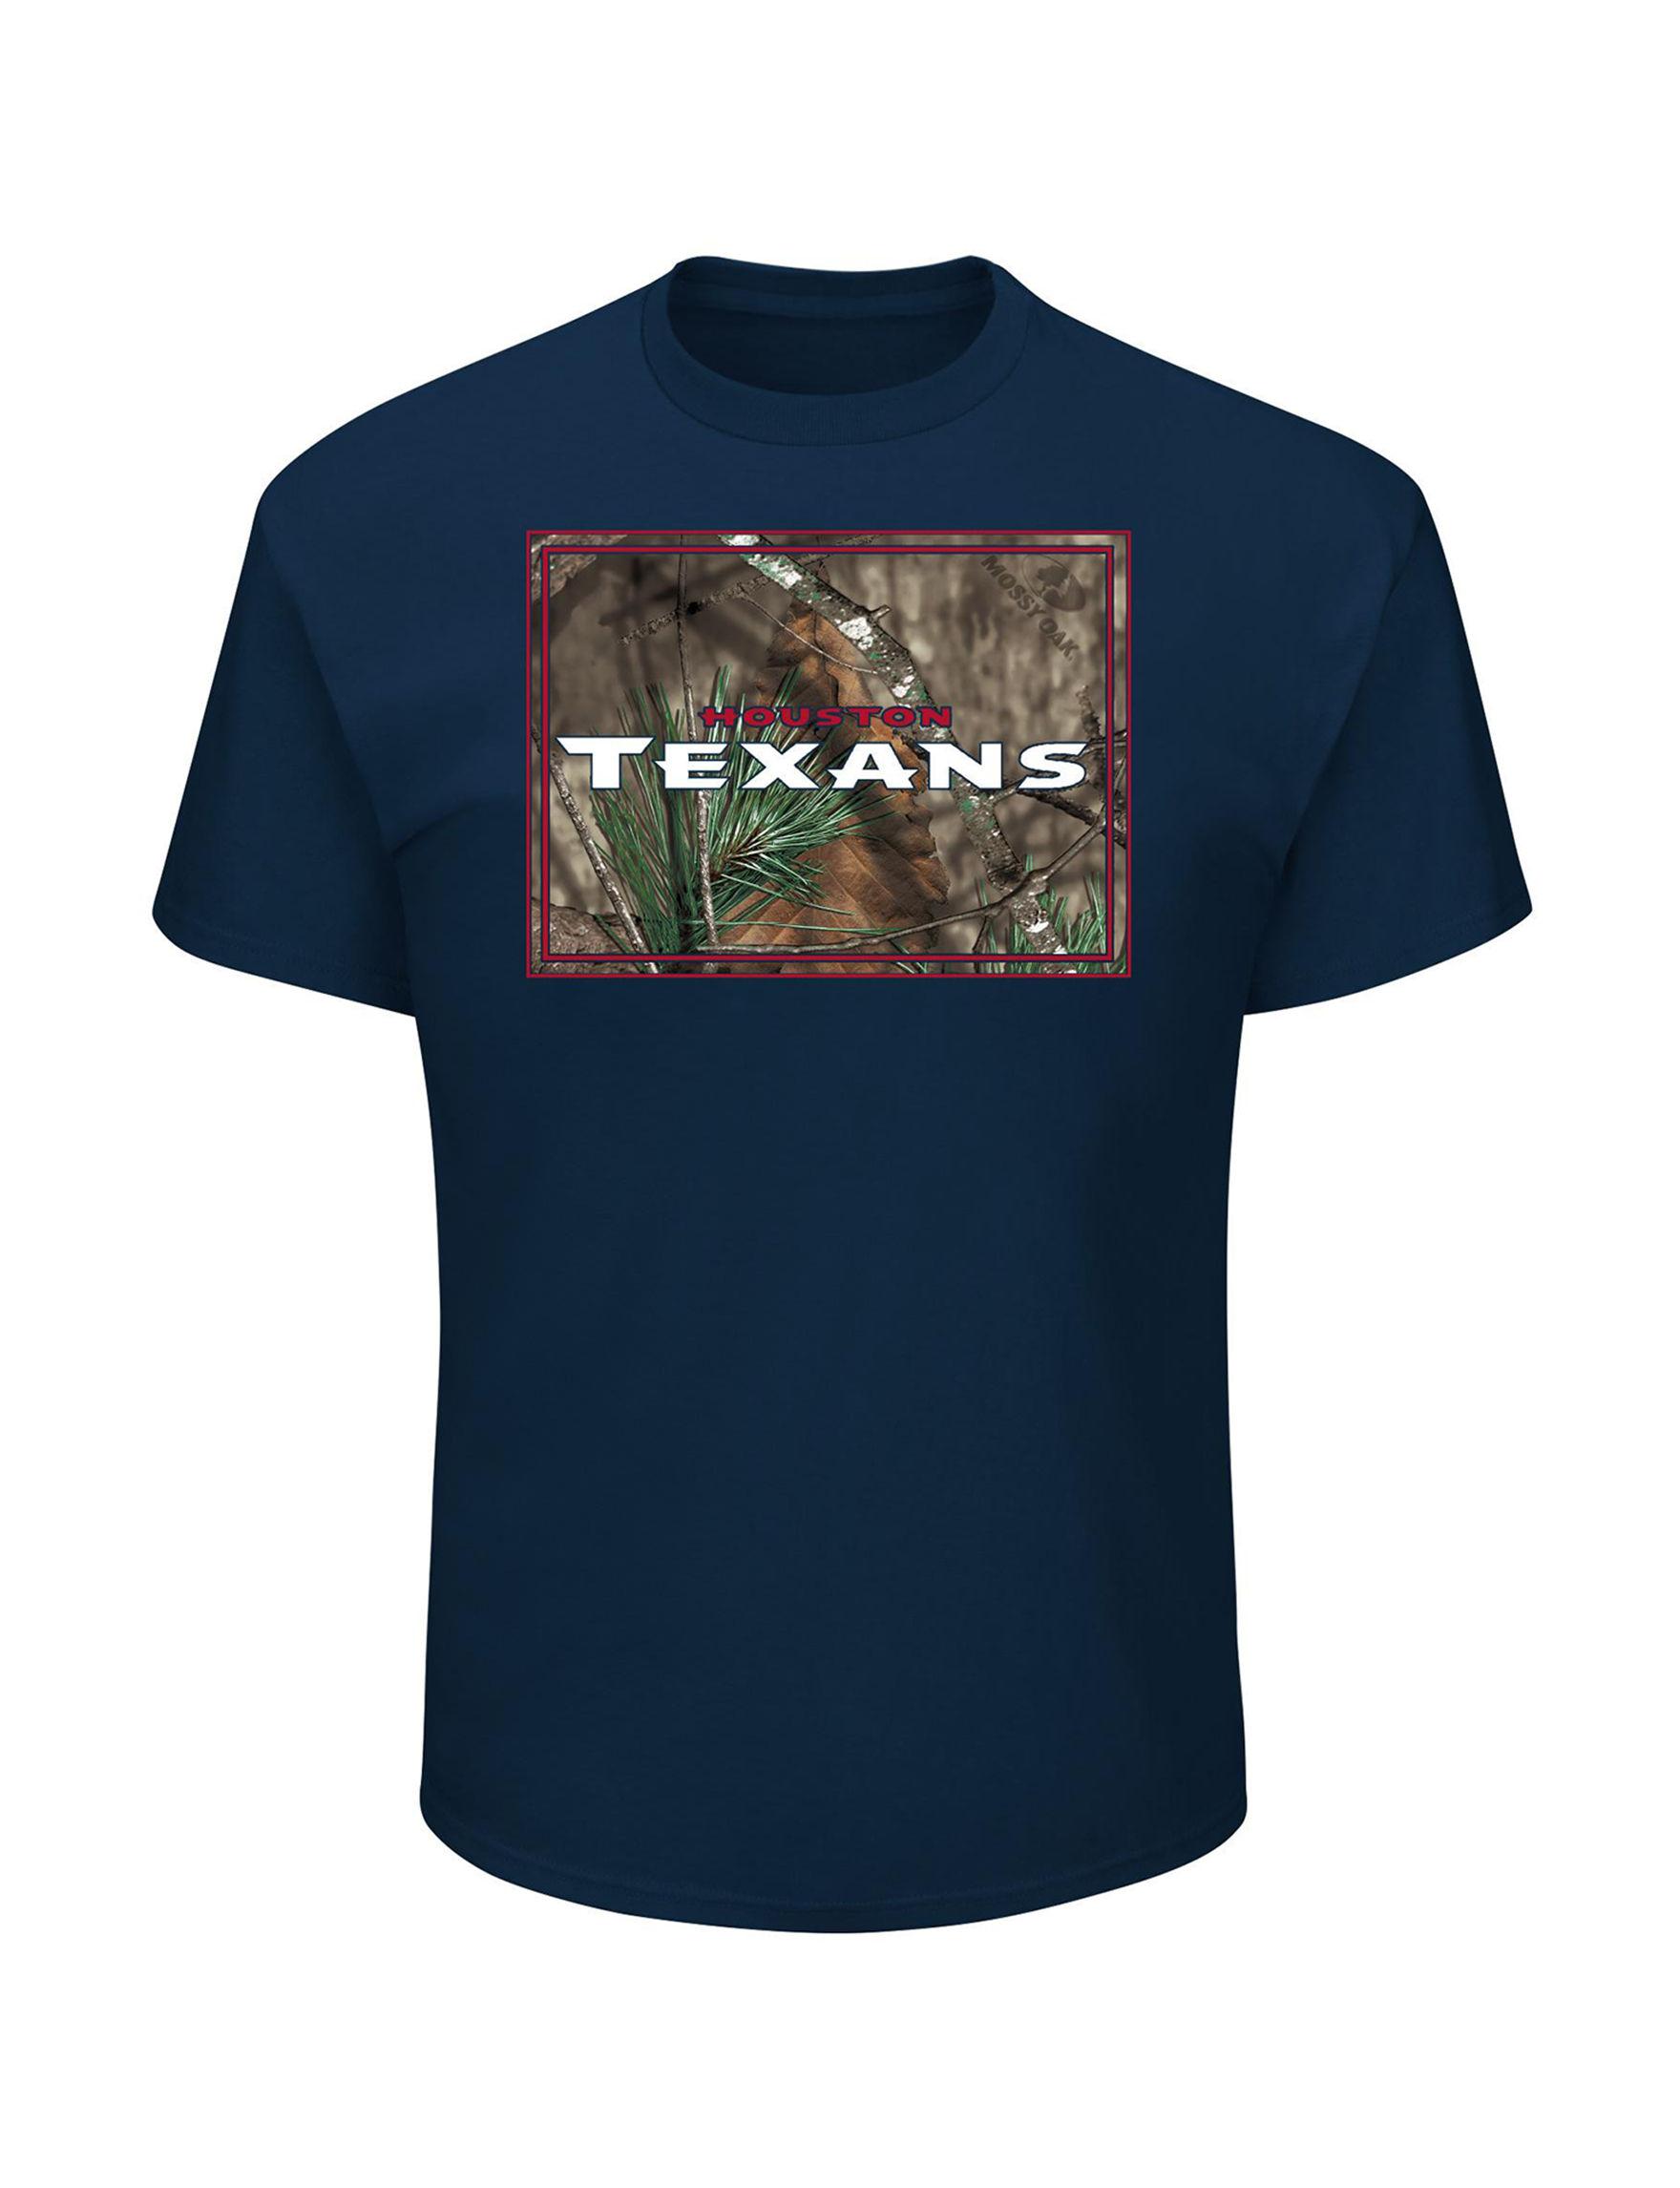 NFL Navy Tees & Tanks